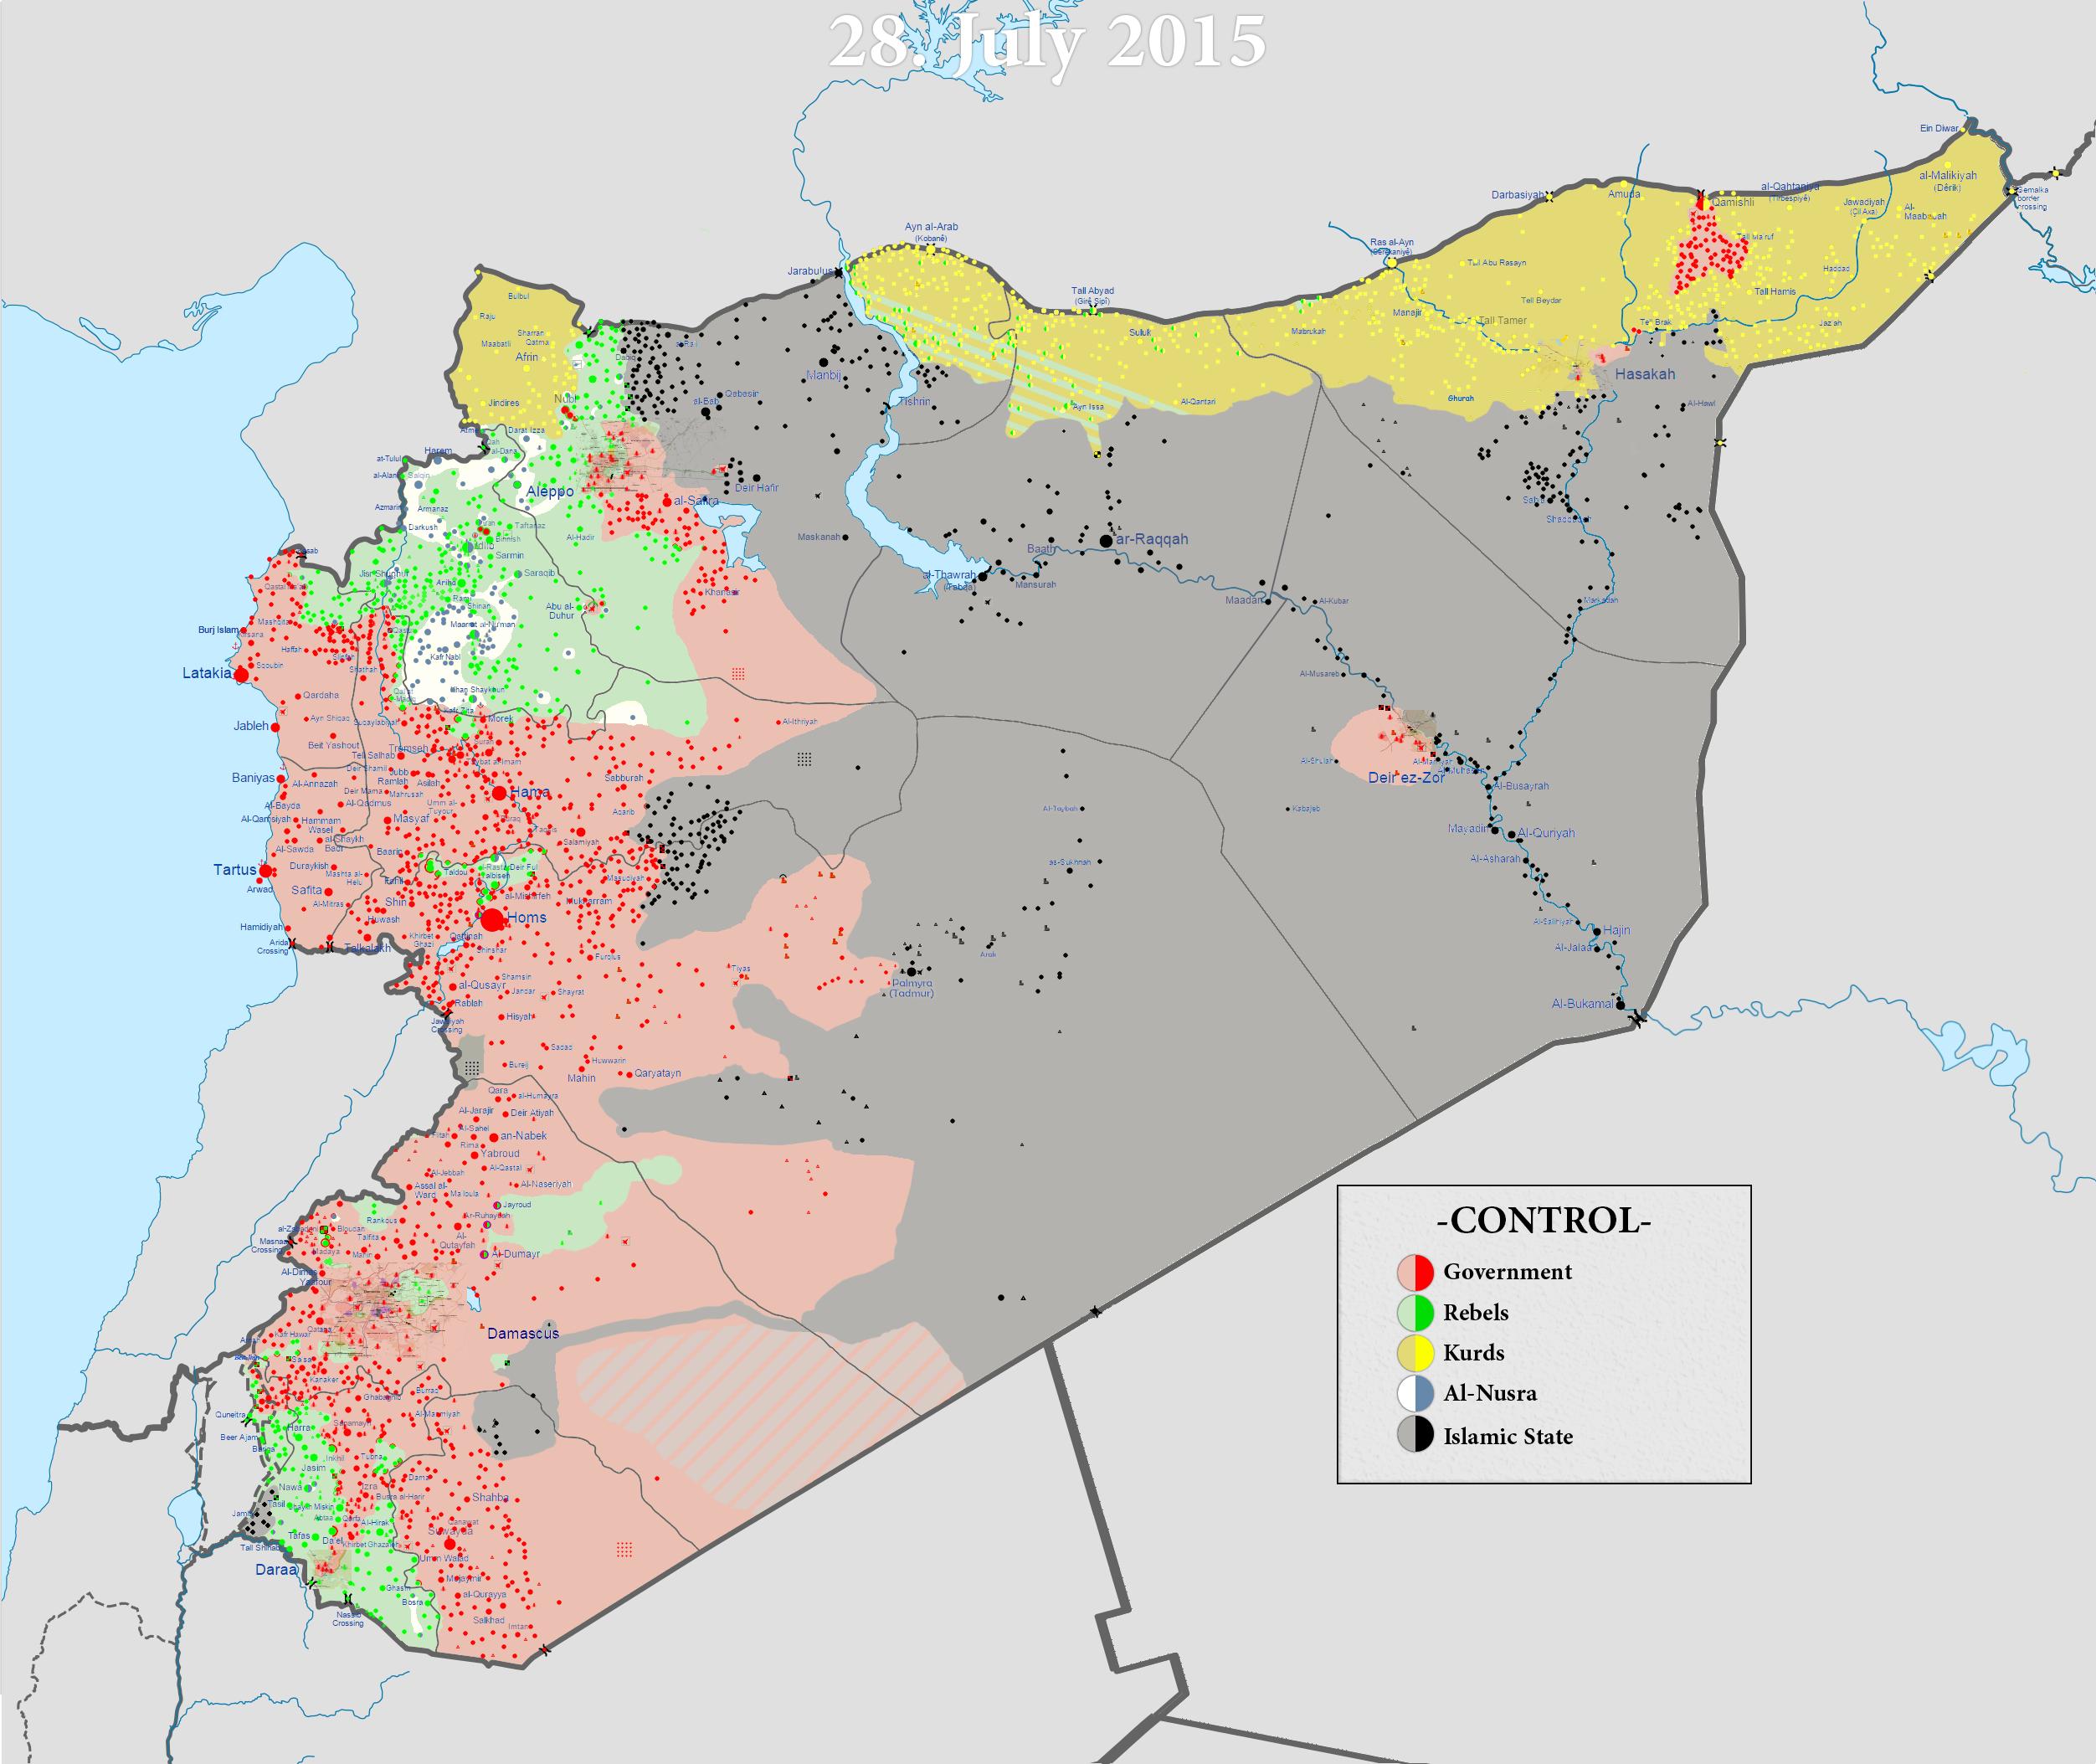 SyrianCivilWar_28July05.png